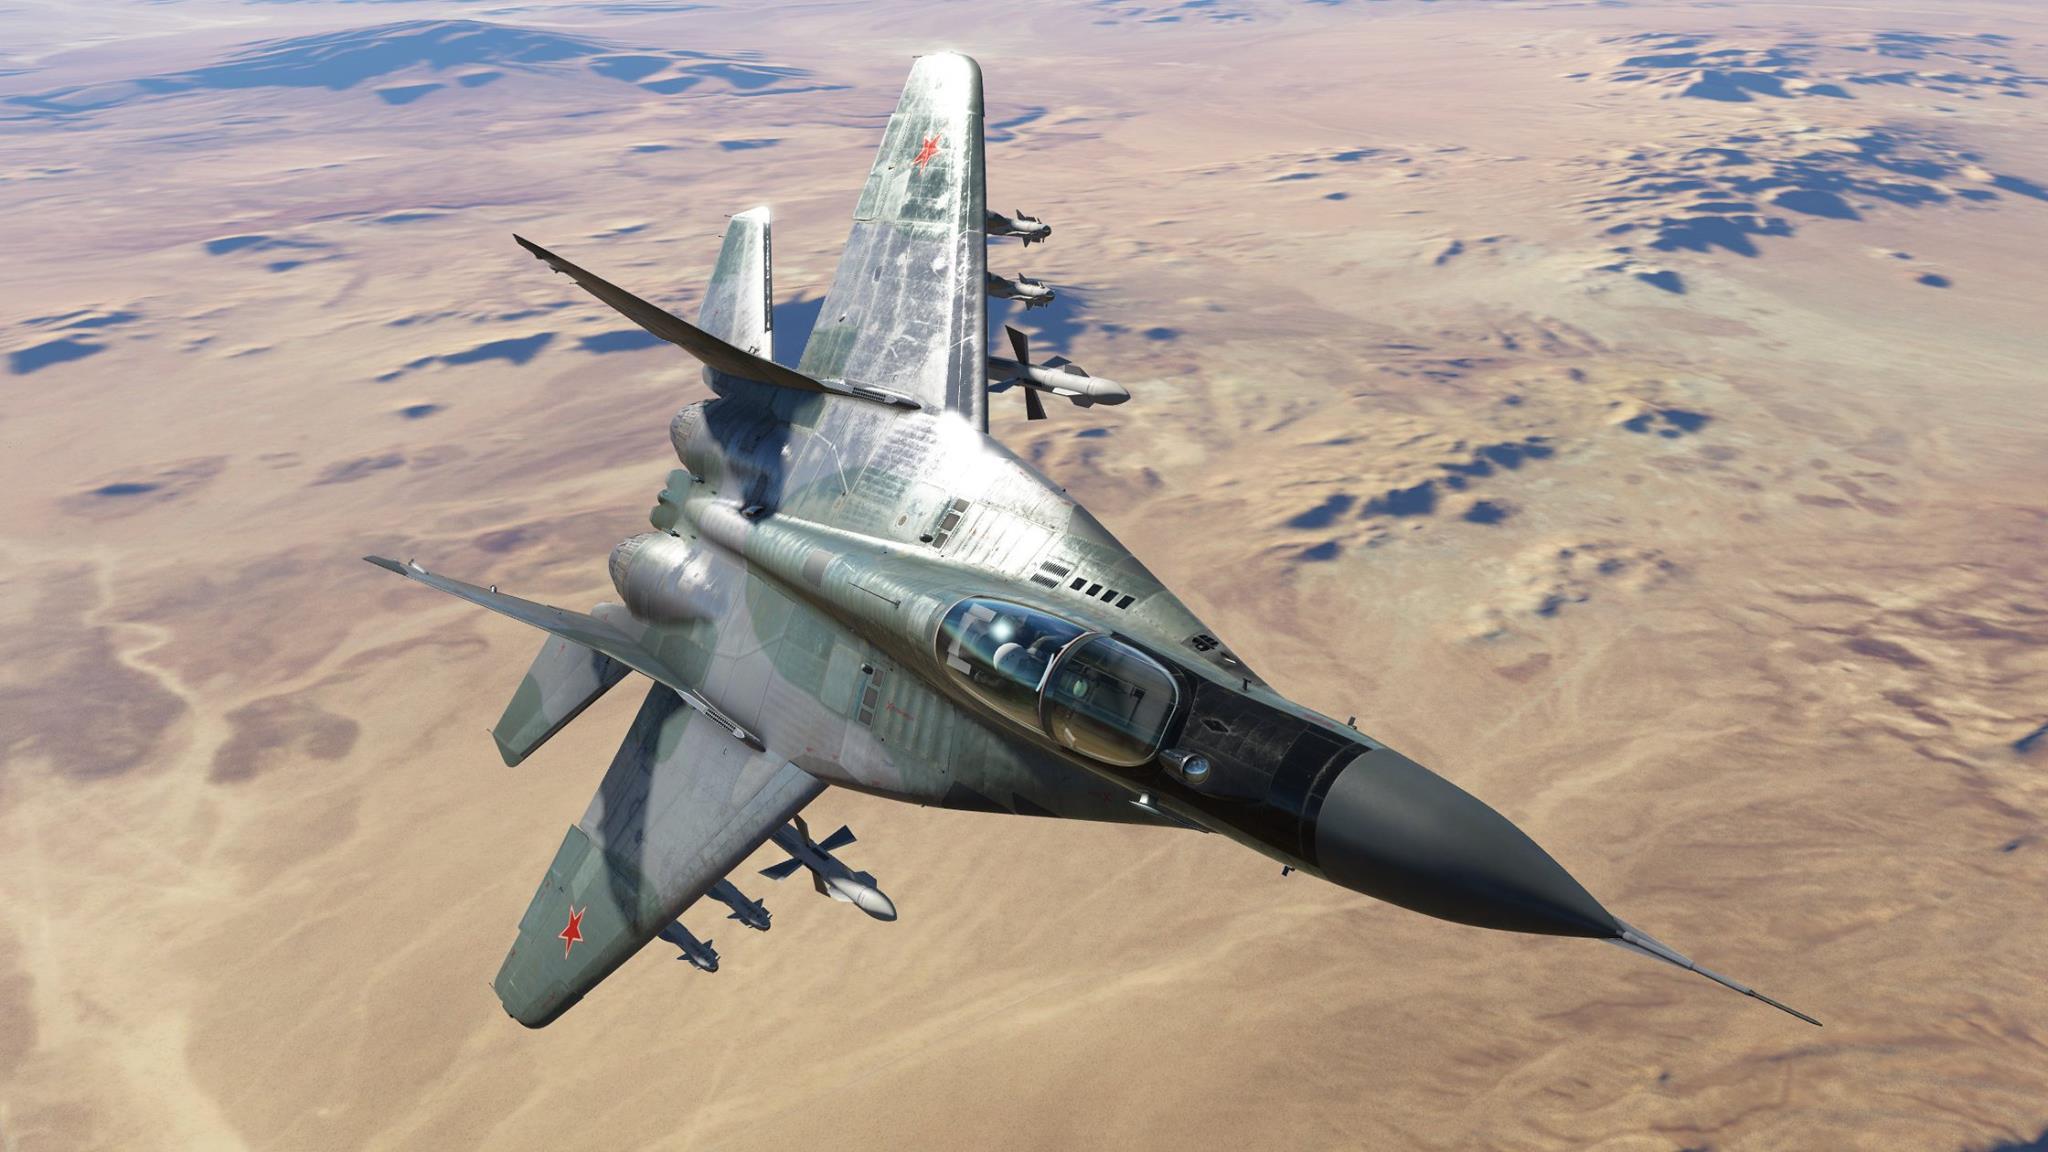 Fighter jerry сигнализация комплектация и инструкция скачать